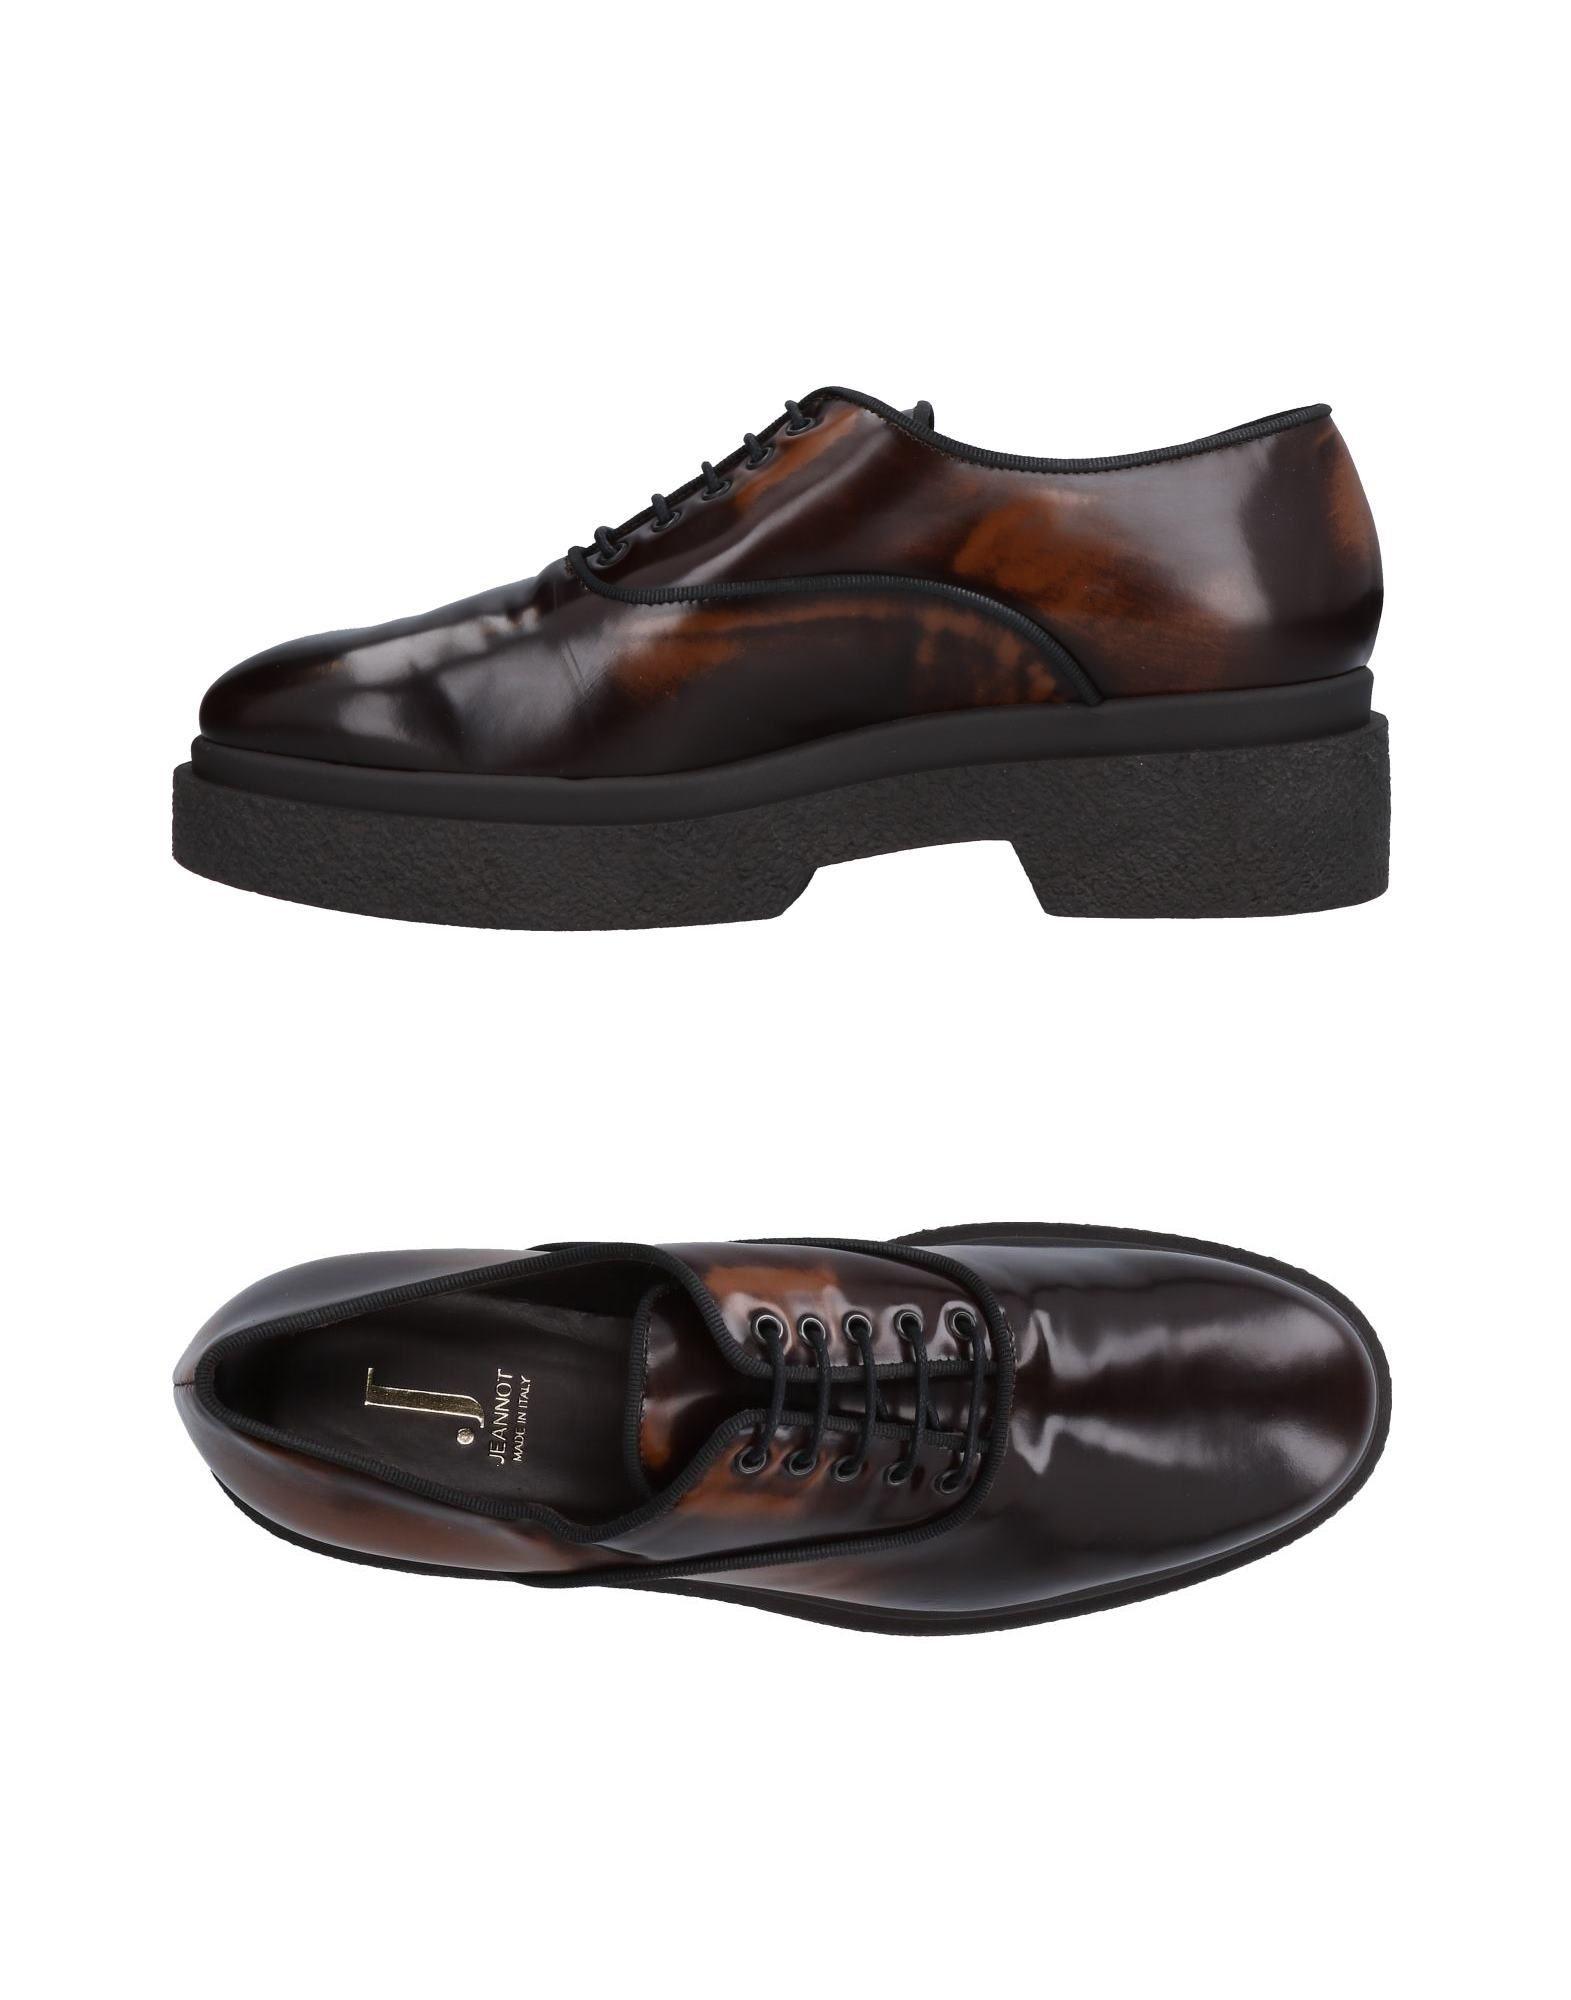 Jeannot Schnürschuhe Damen  11504894AC Gute Qualität beliebte Schuhe